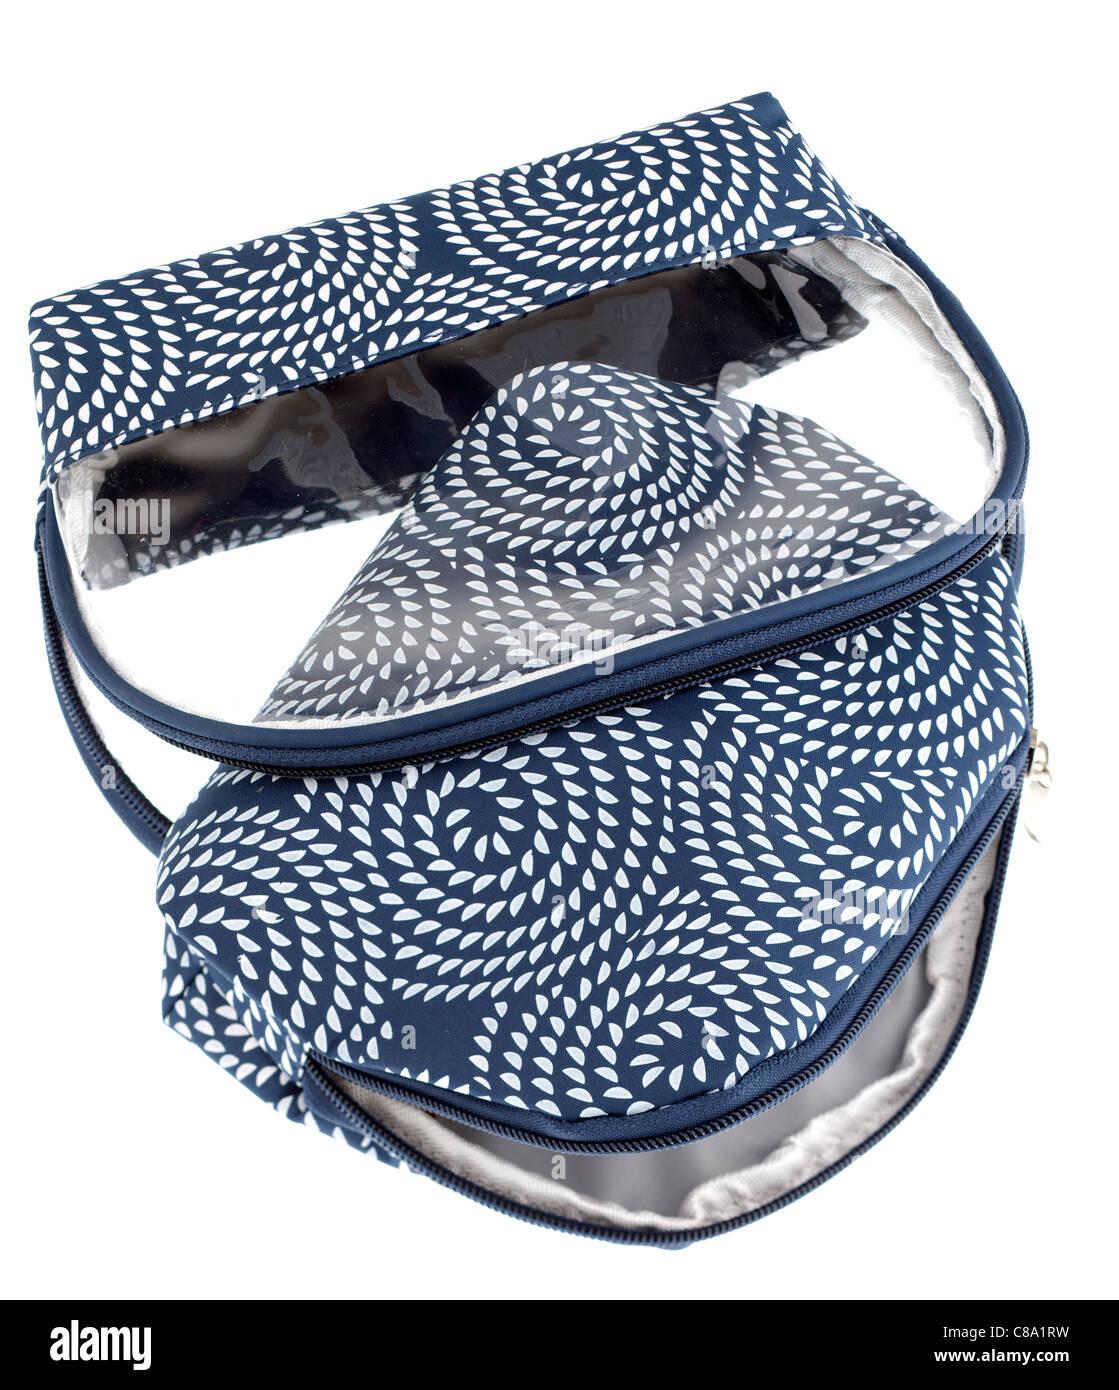 Blau und Weiß gemustert Kosmetiktasche mit Reißverschluss Stockbild